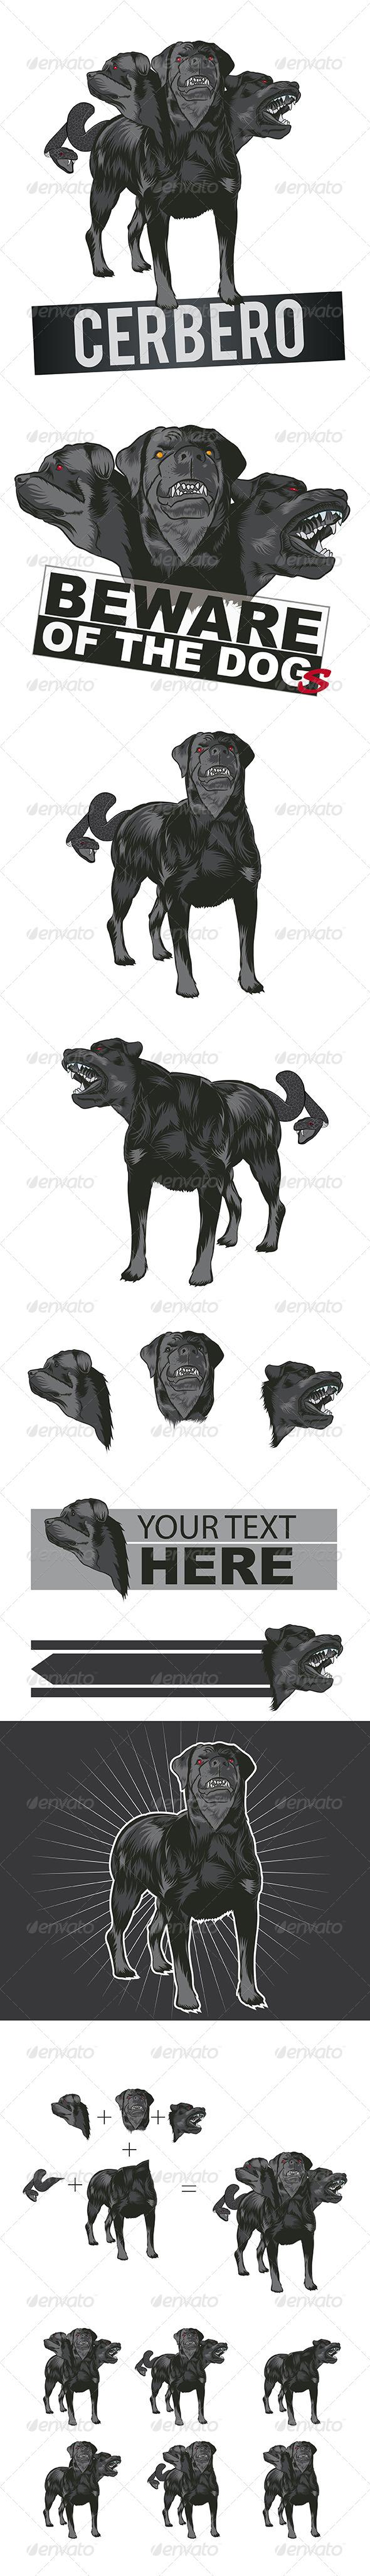 Dog Mascot Cerberus - Vectors